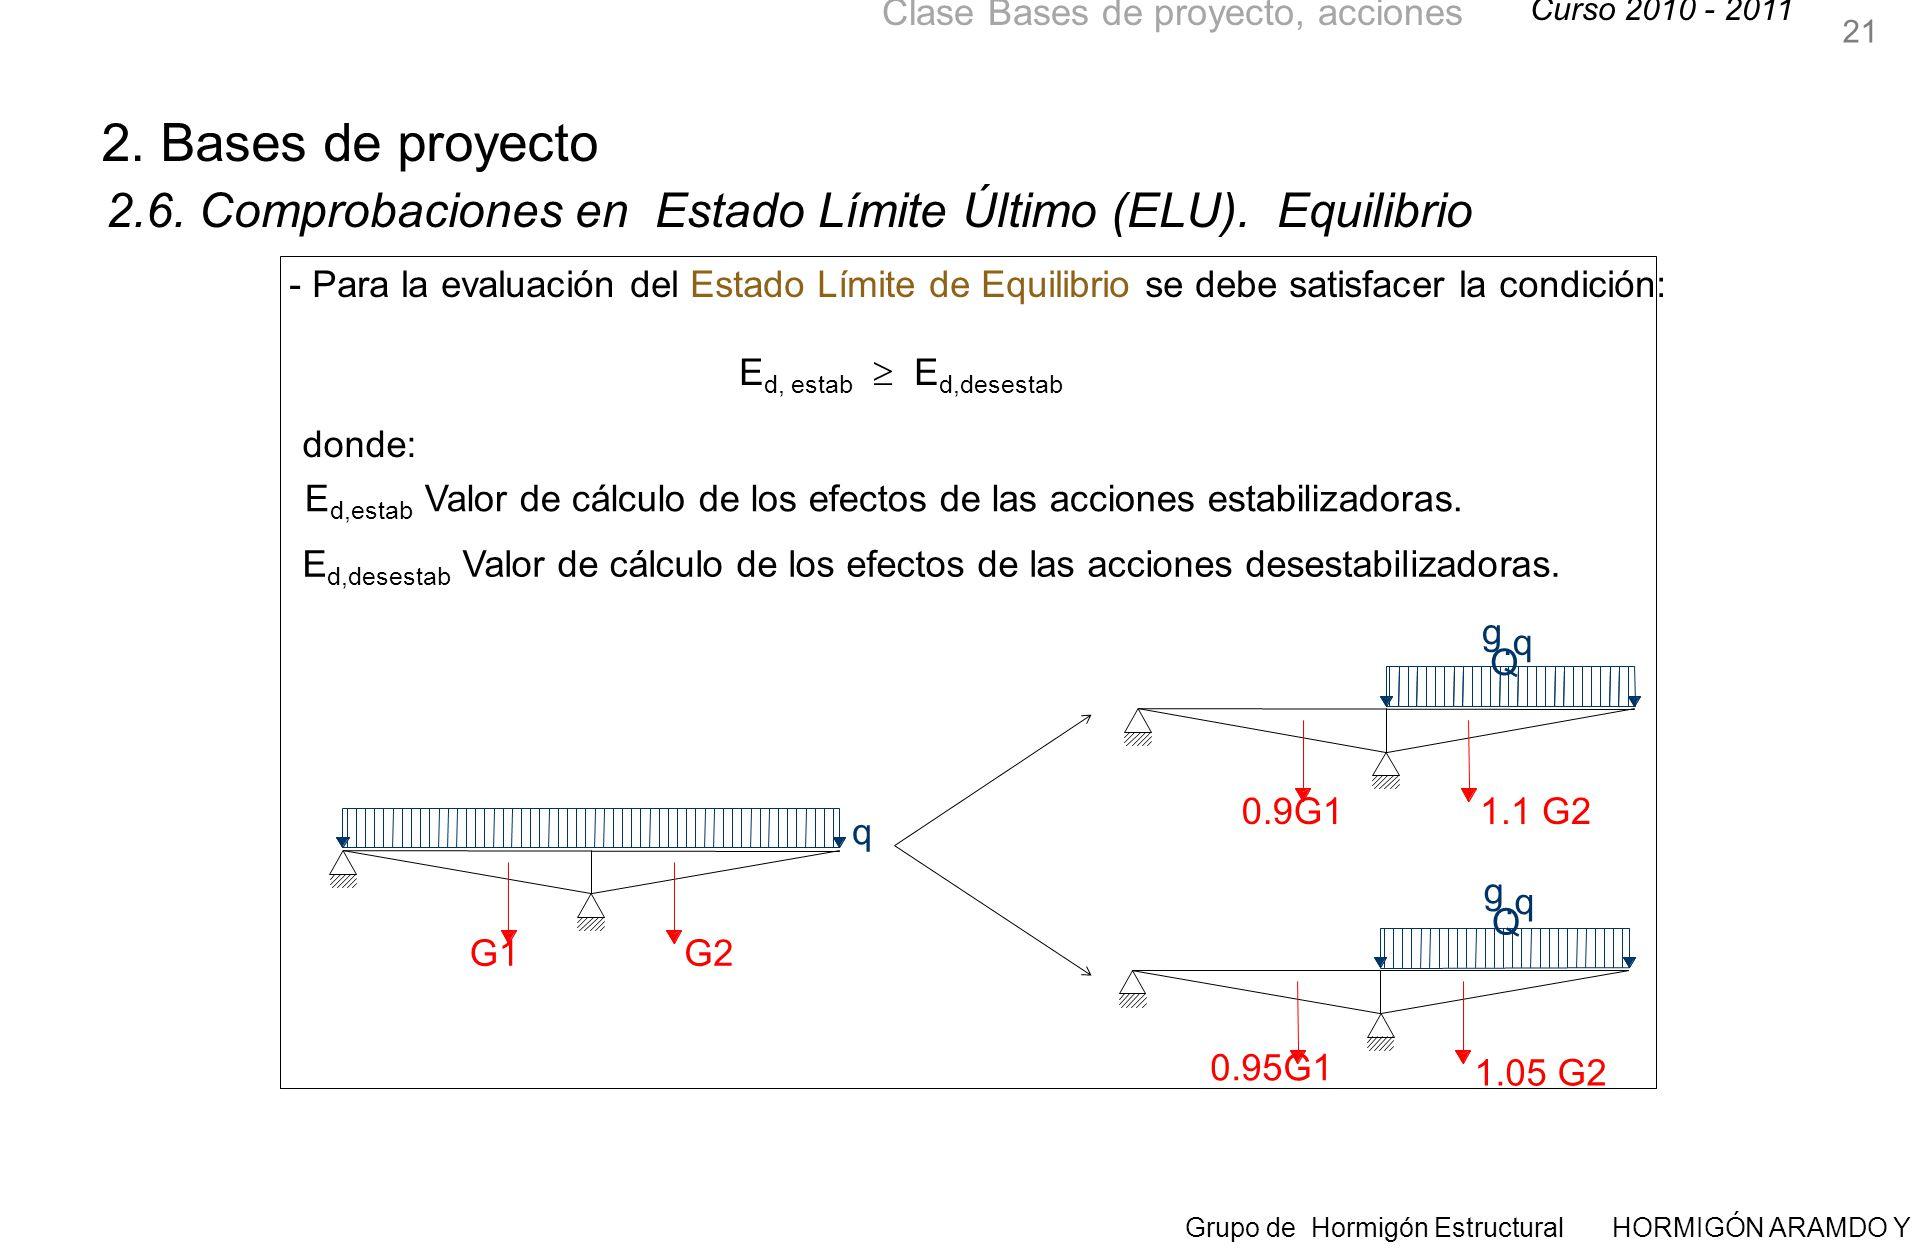 21 2. Bases de proyecto. 2.6. Comprobaciones en Estado Límite Último (ELU). Equilibrio.